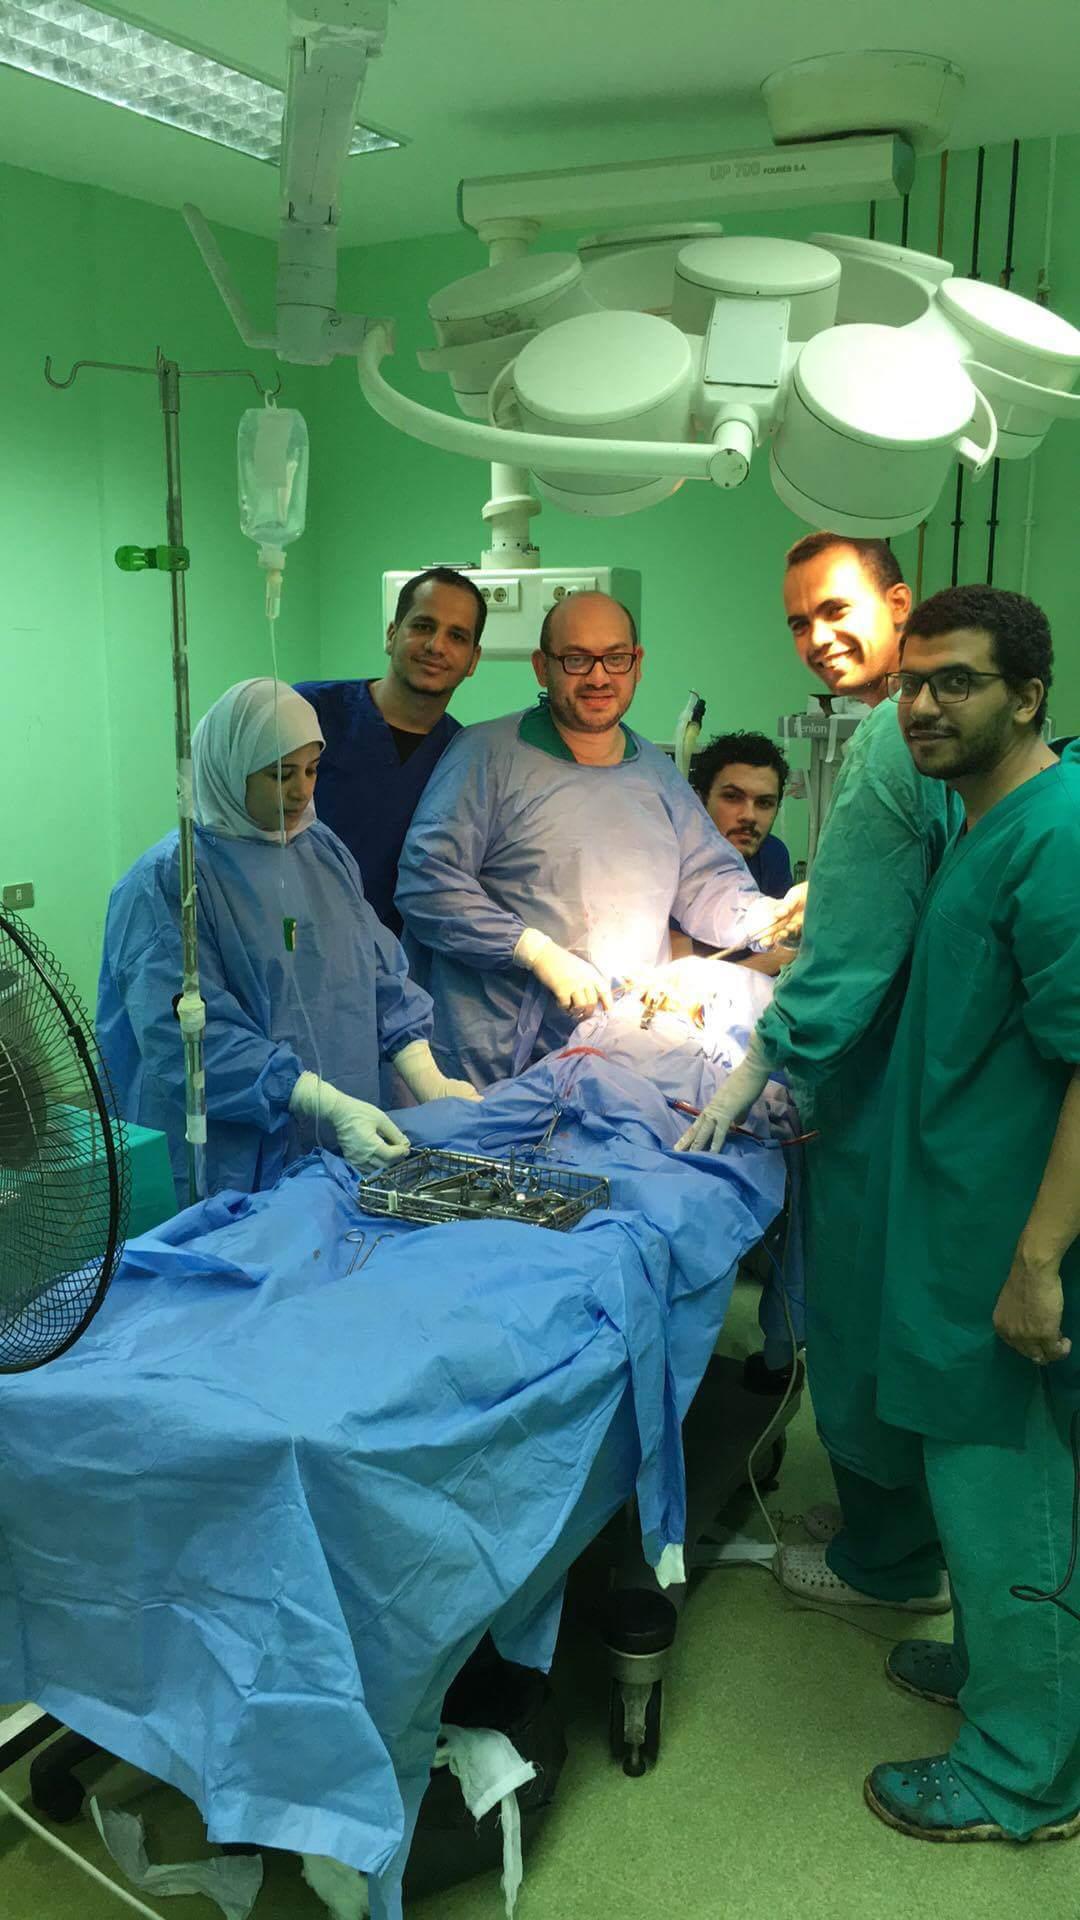 إجراء  عمليات جراحية ناجحة  لعشرة أطفال  بمستشفيات جامعة المنوفية